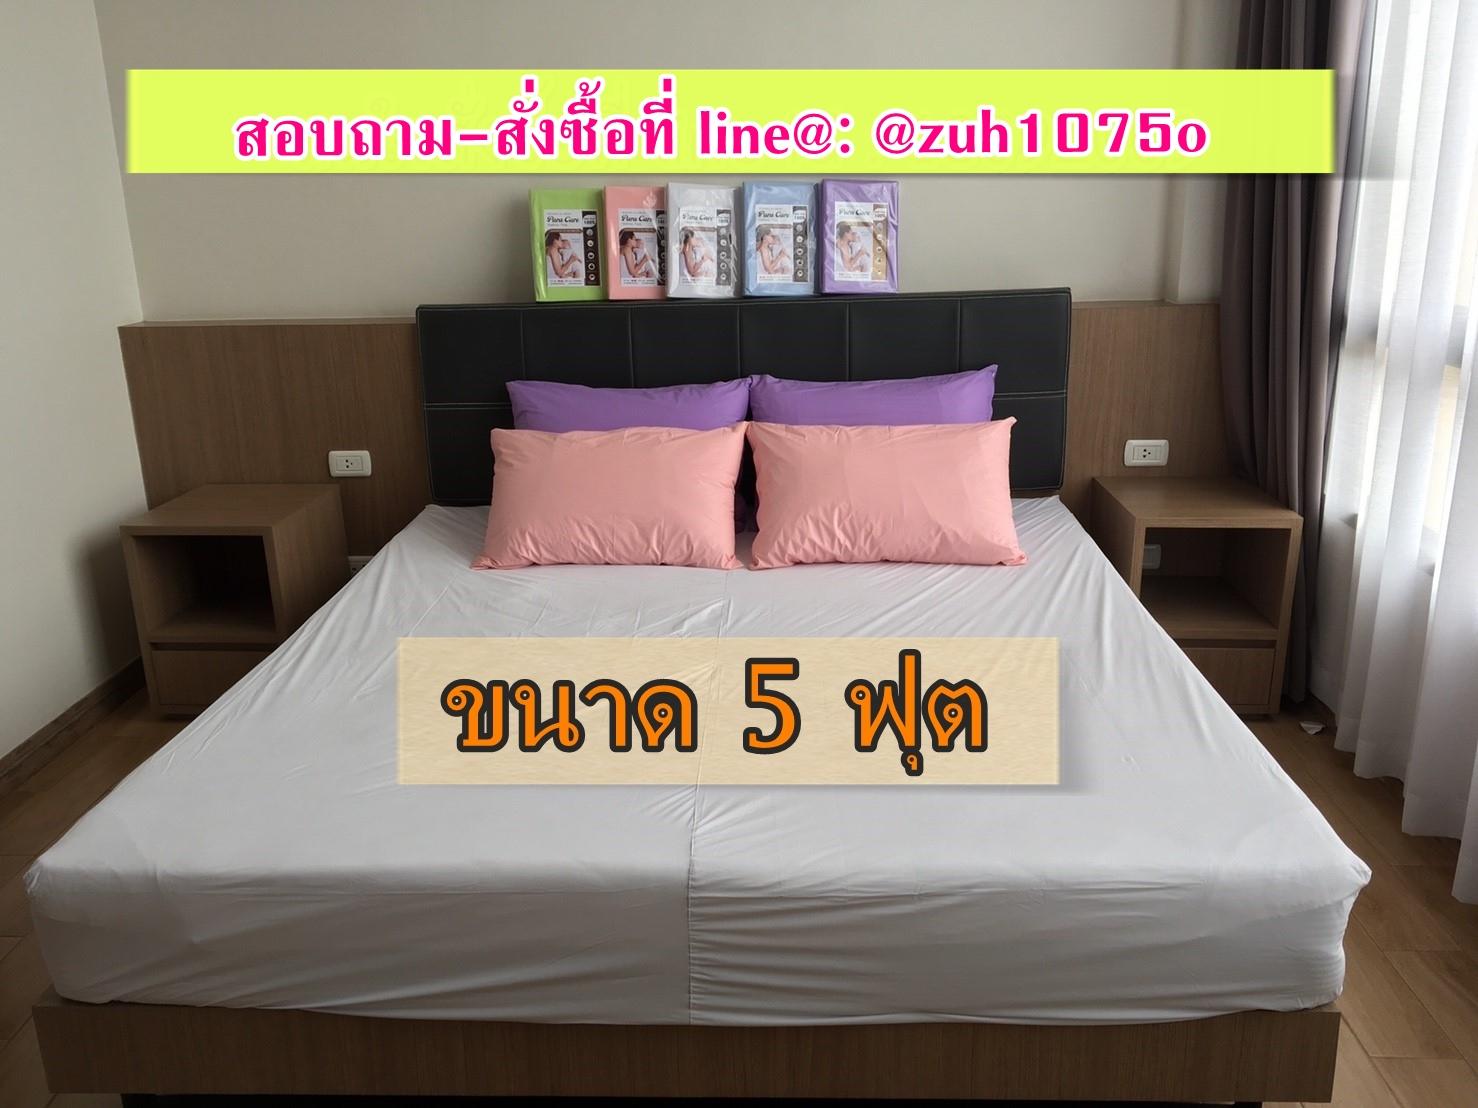 สีขาว 5ฟุต ผ้าคลุมเตียง ผ้าปูเตียง ผ้าปูที่นอนกันน้ำ กันฉี่ กันไรฝุ่น กันเปื้อน 390บาท